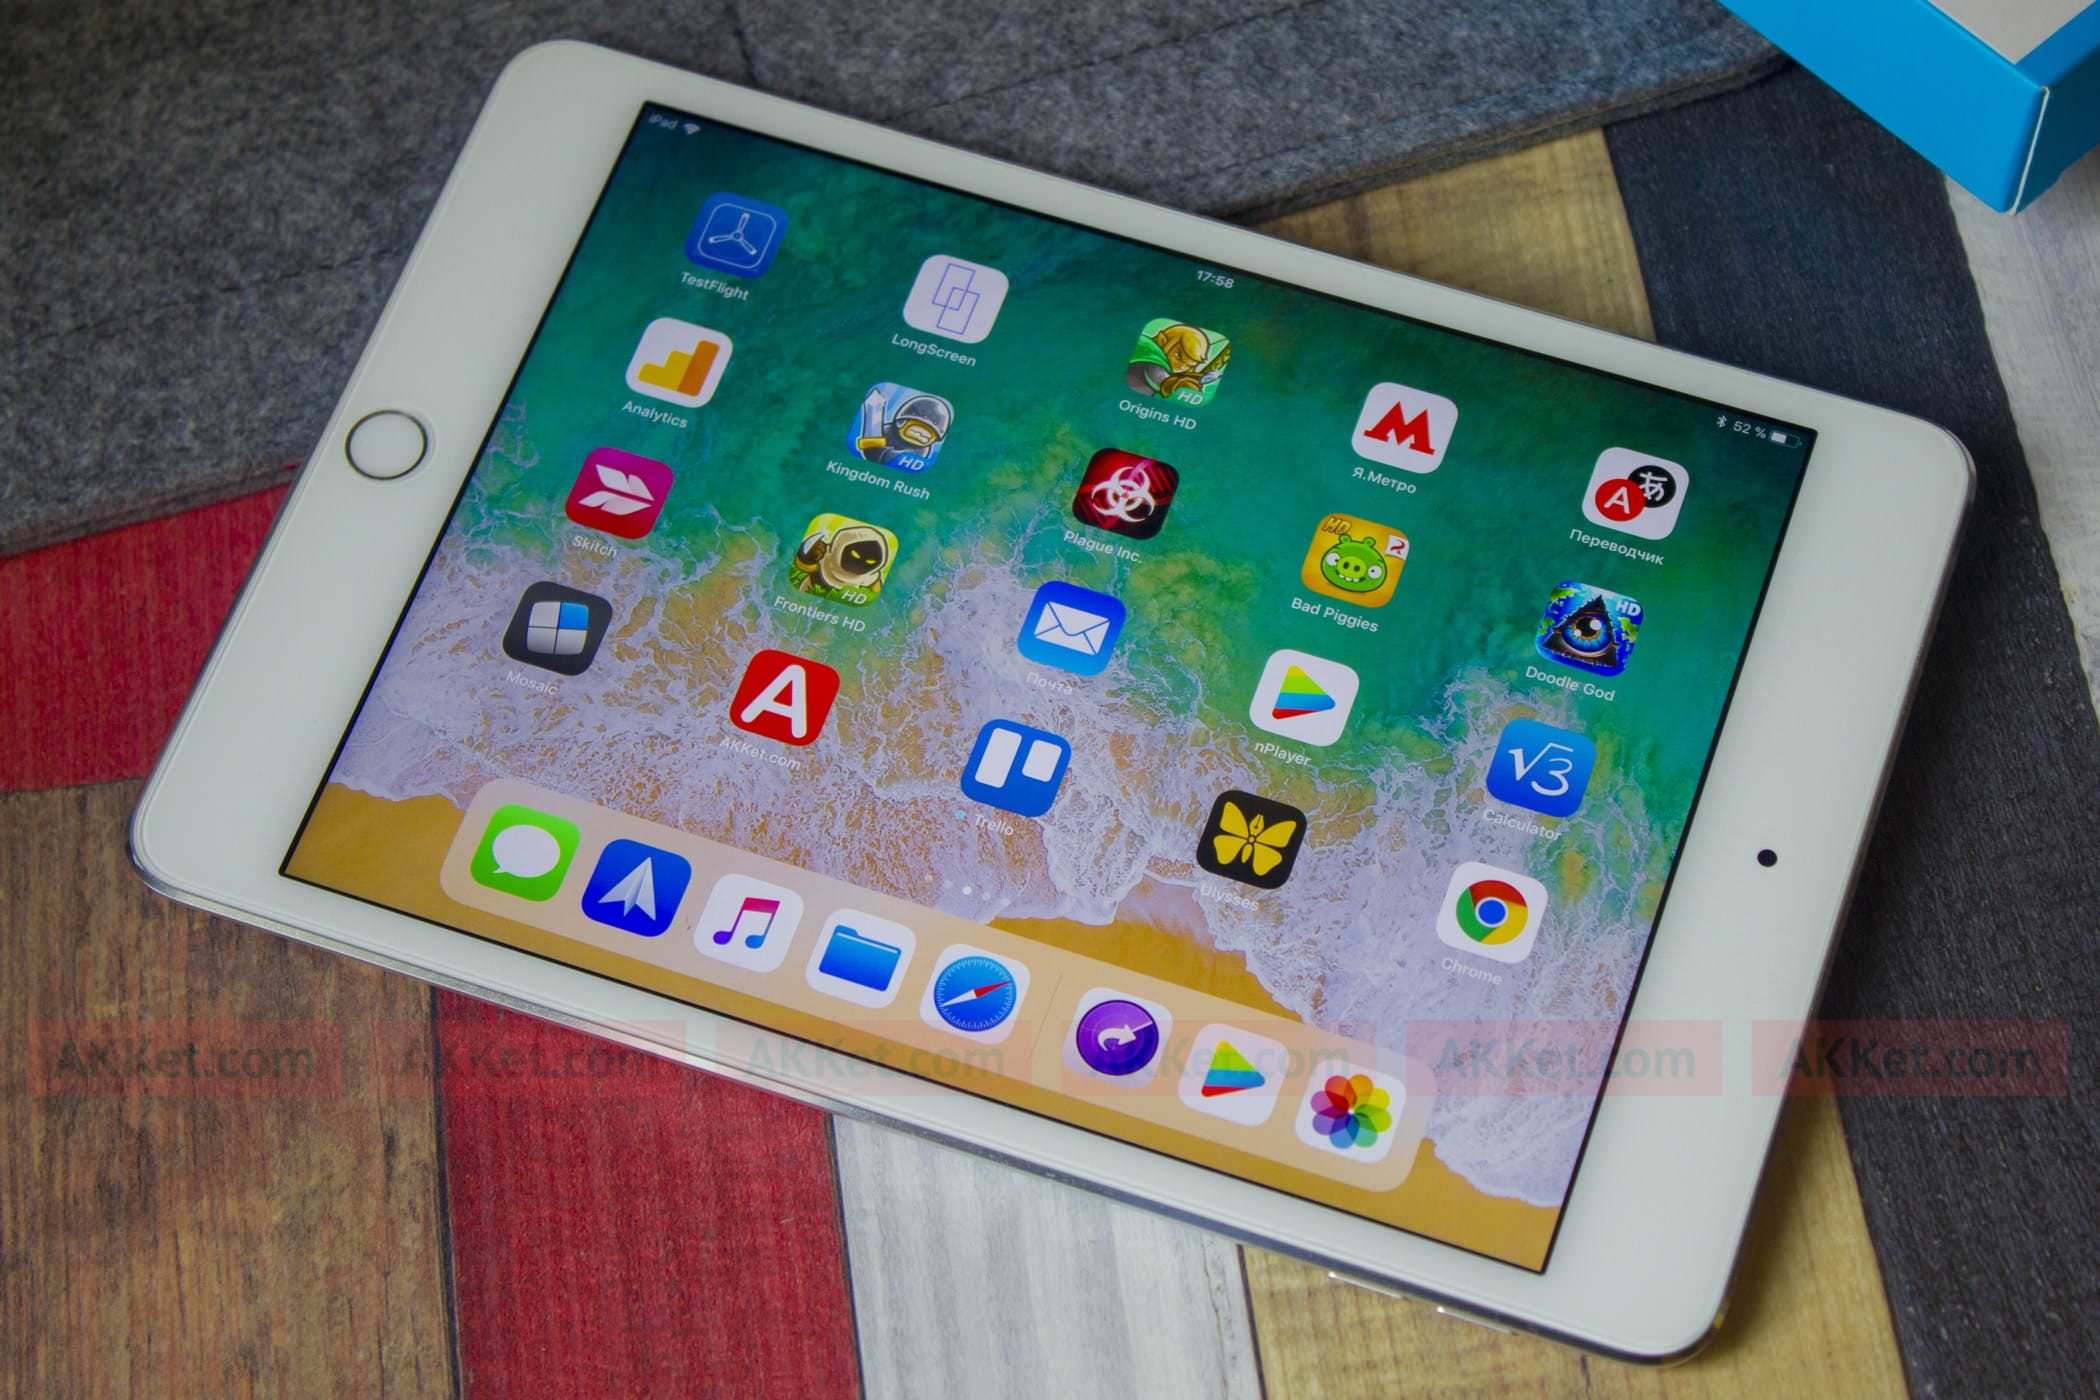 Вбета-версии iOS 11 отыскали новые жесты многозадачности для iPhone 8